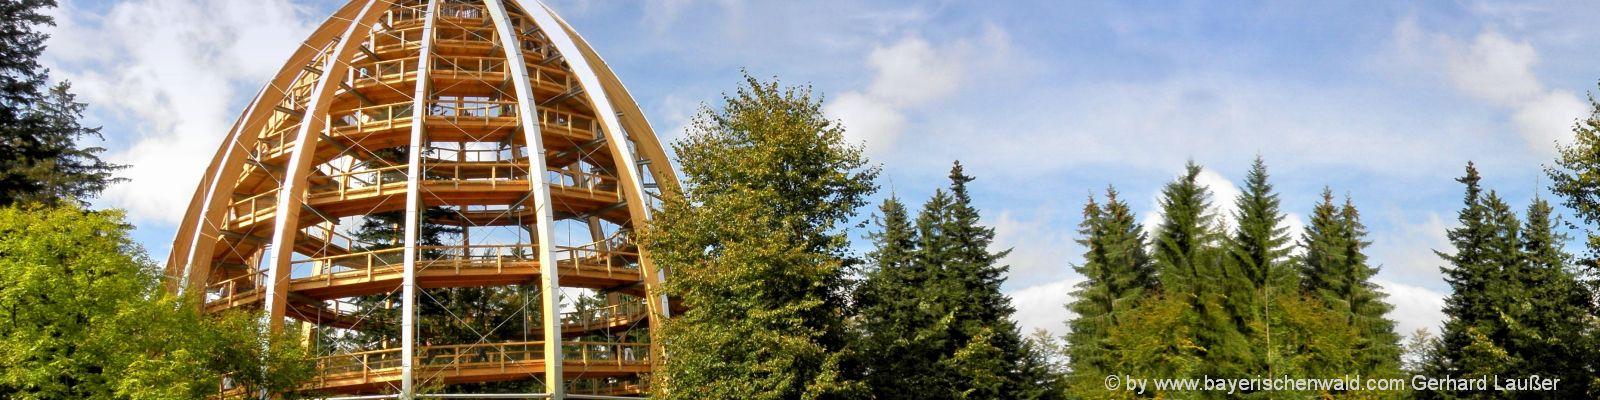 Sehenswürdigkeiten und Ausflugsziele Bayerischer Wald